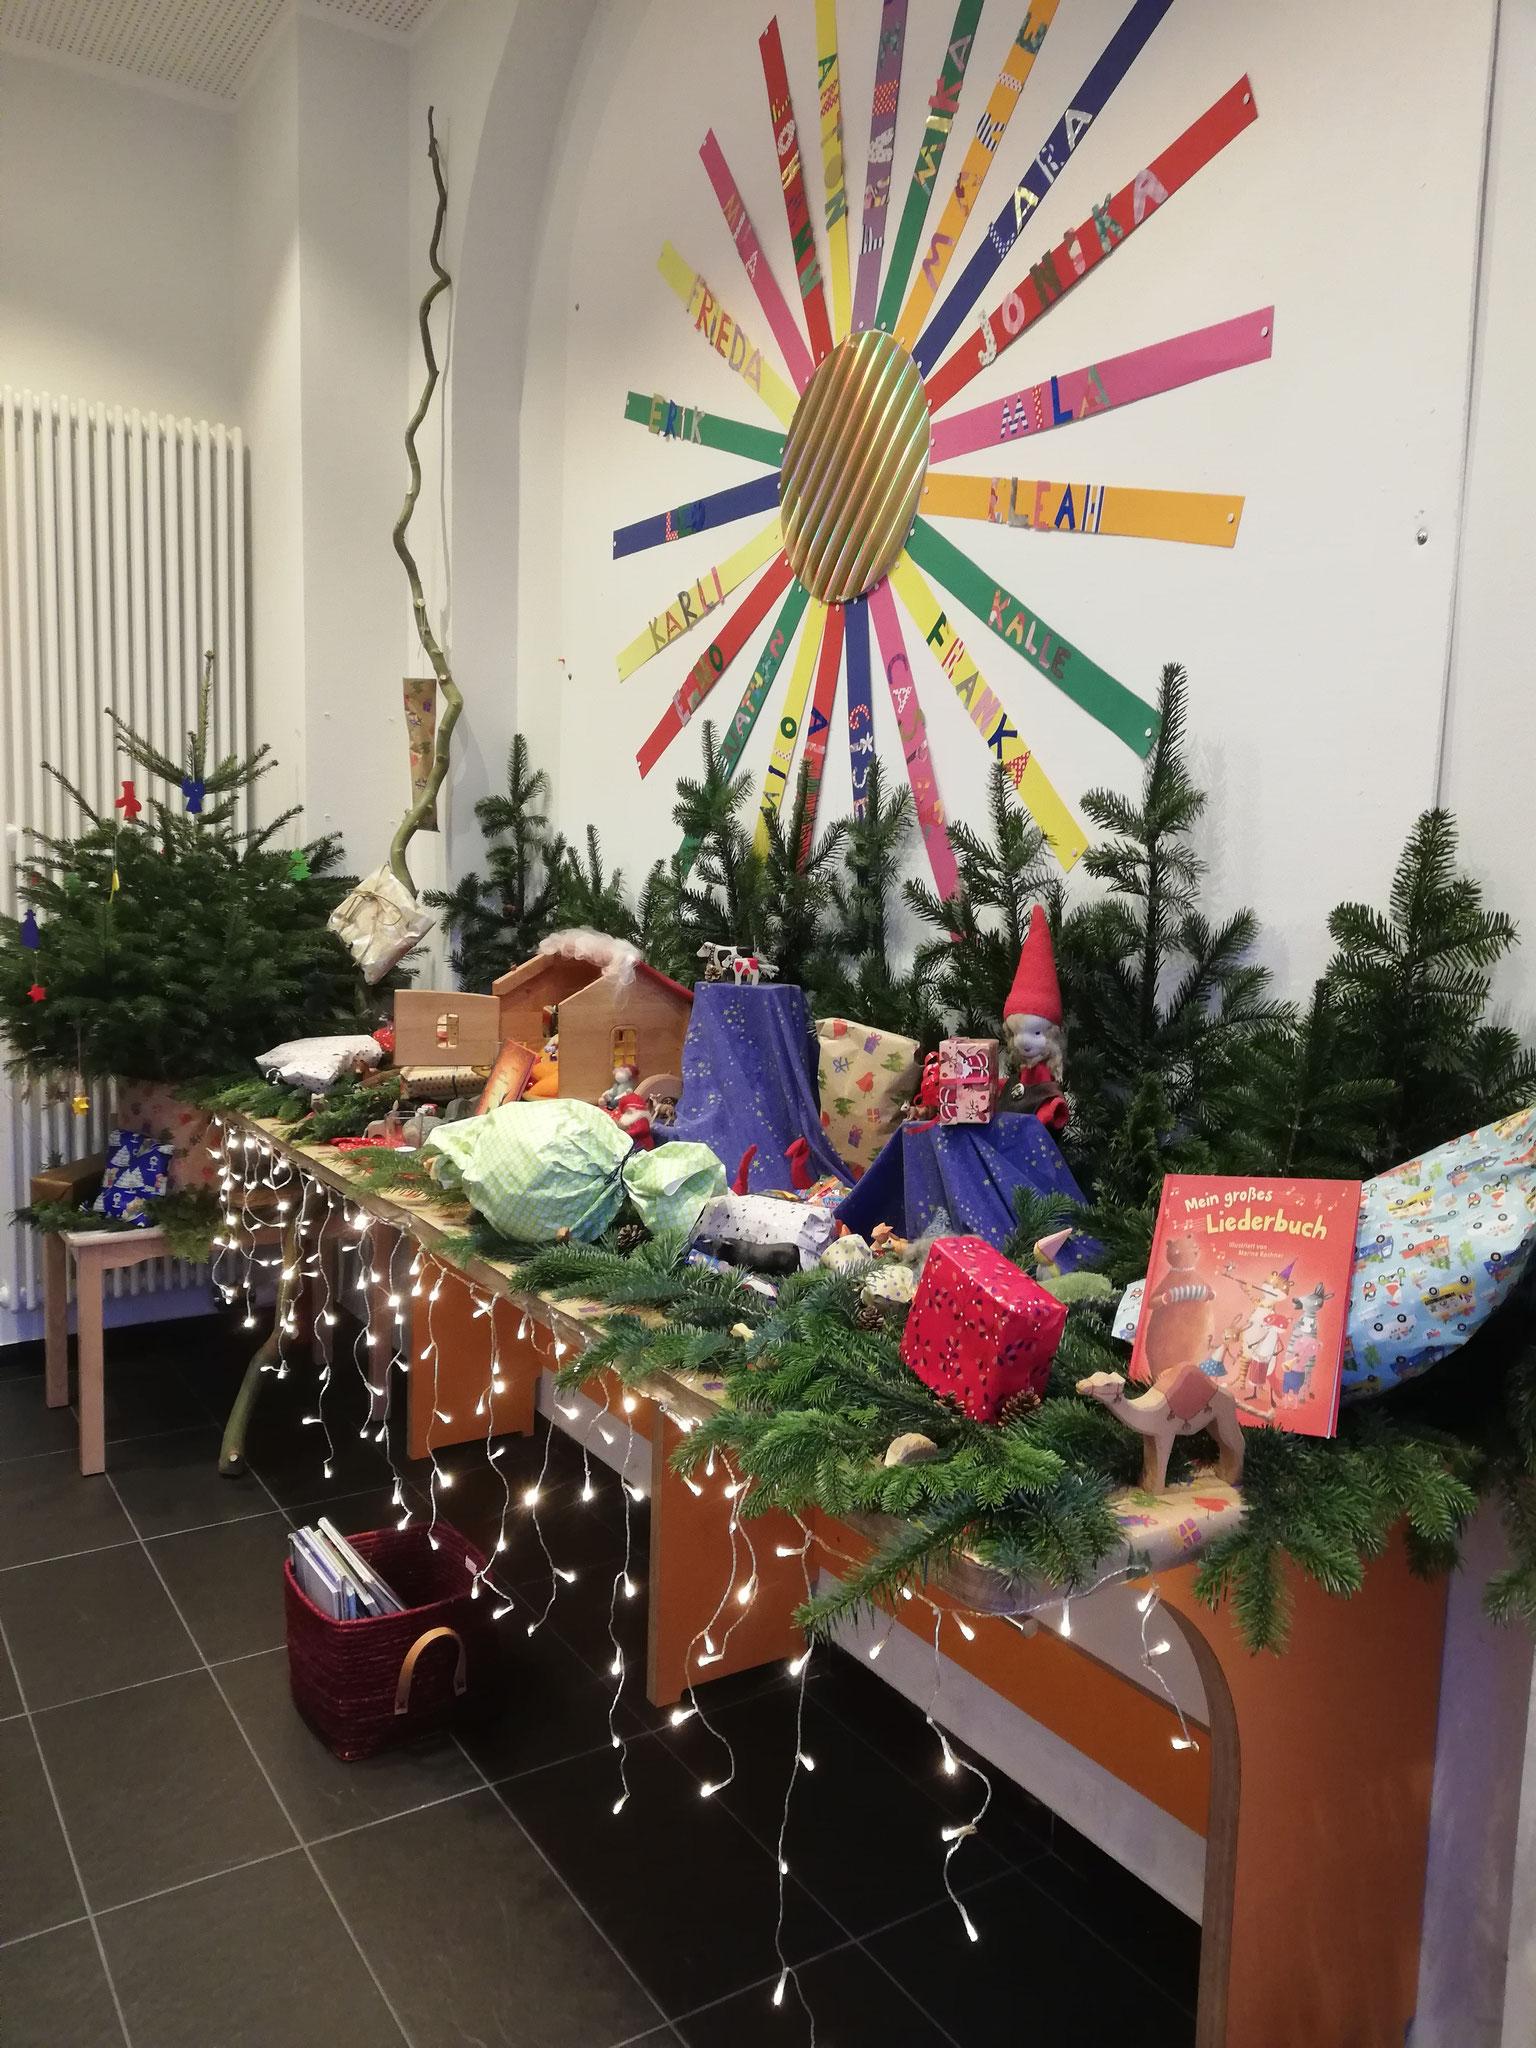 Weihnachtszeit mit Adventskalender, Nikolaus und viel Musik